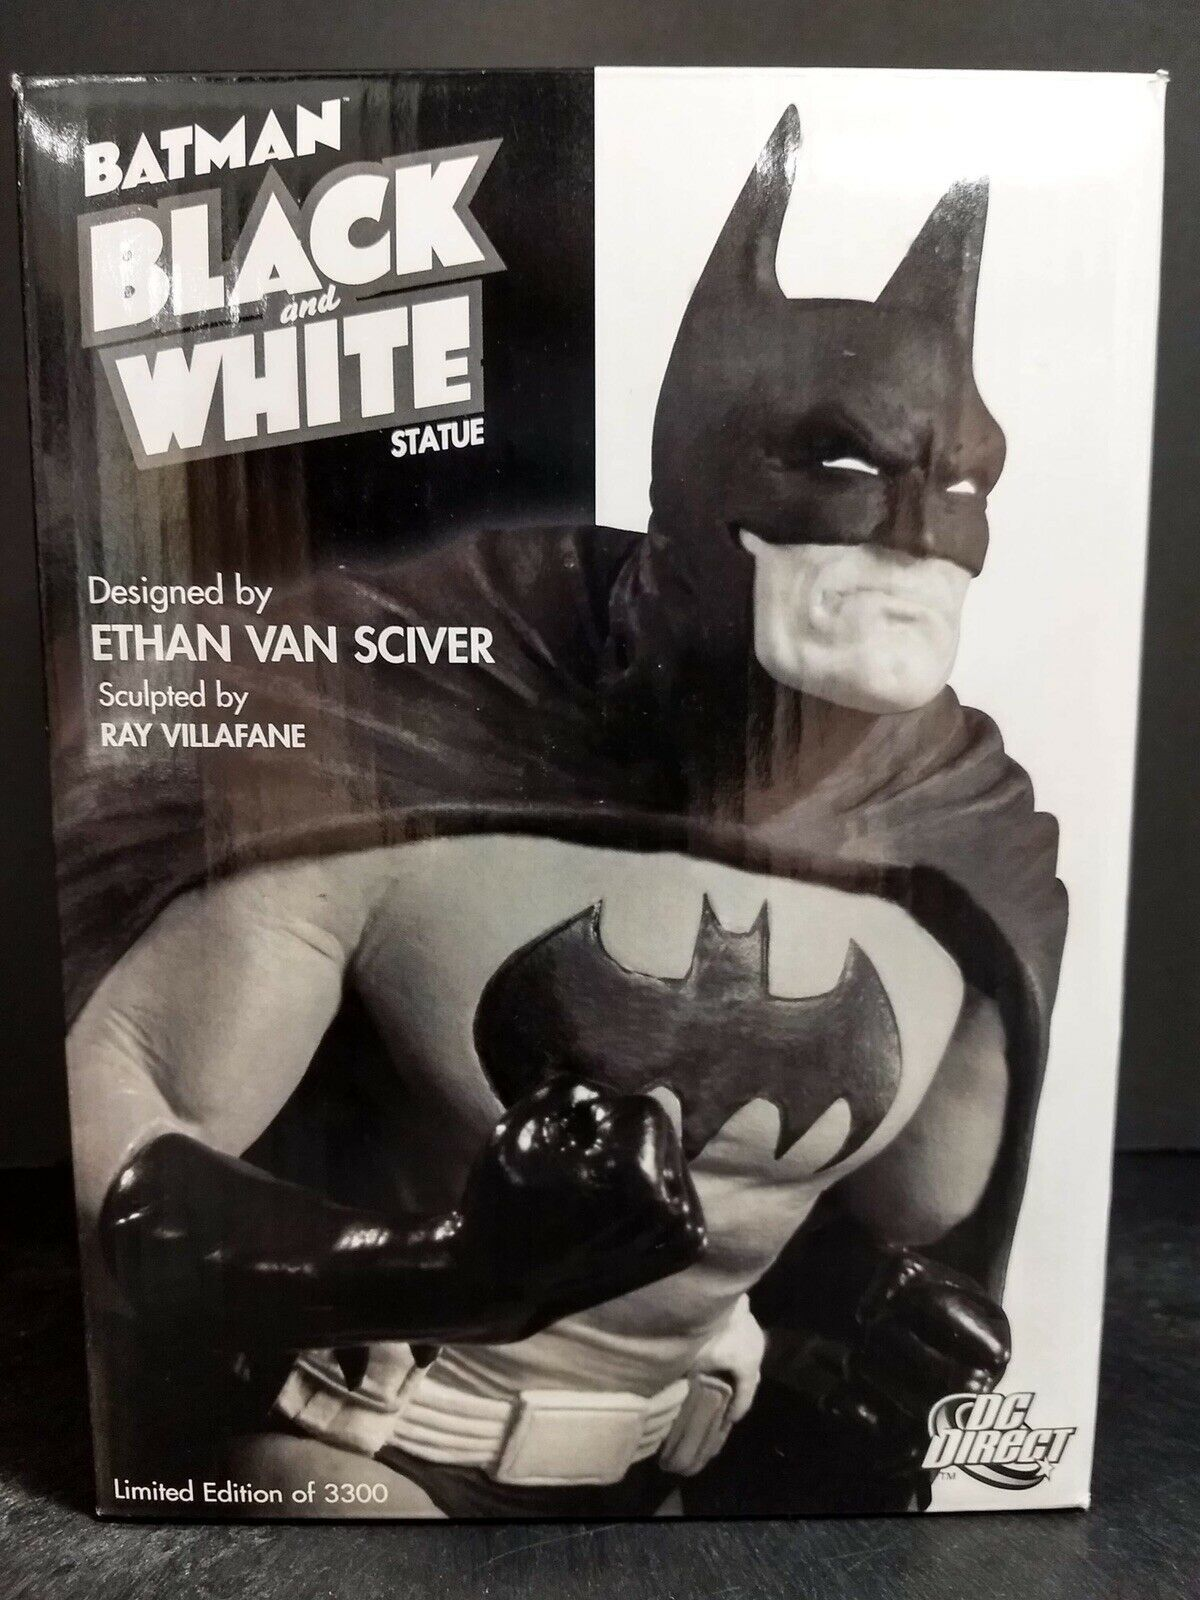 DC Estatua blancoo Y Negro De Batman Direct por Ethan Van Sciver Tamp 0081